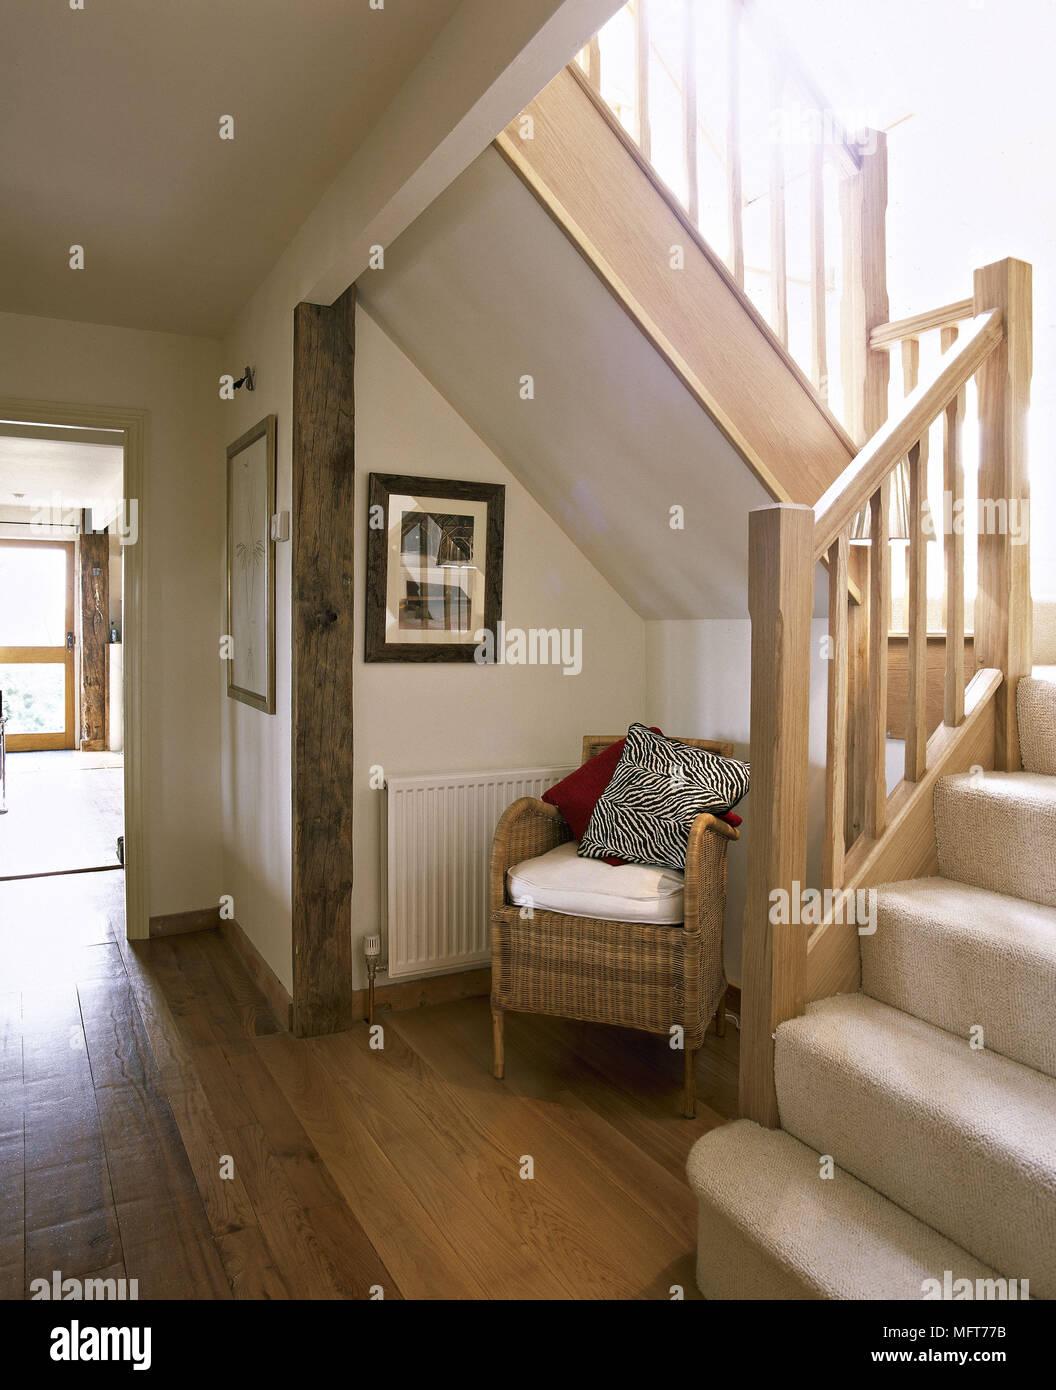 Wunderschön Landhausstil Flur Foto Von Treppe Mit Teppichboden Treppen Holzböden Rattan Sessel